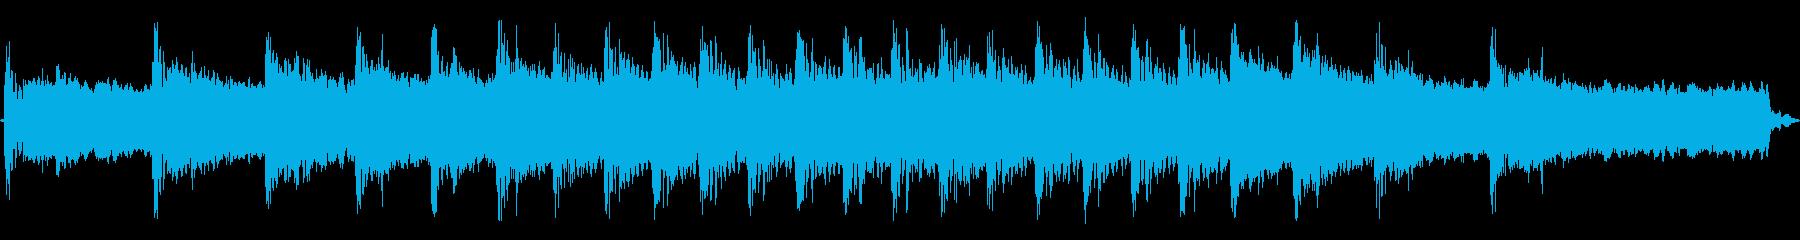 ひゅーどろどろの再生済みの波形